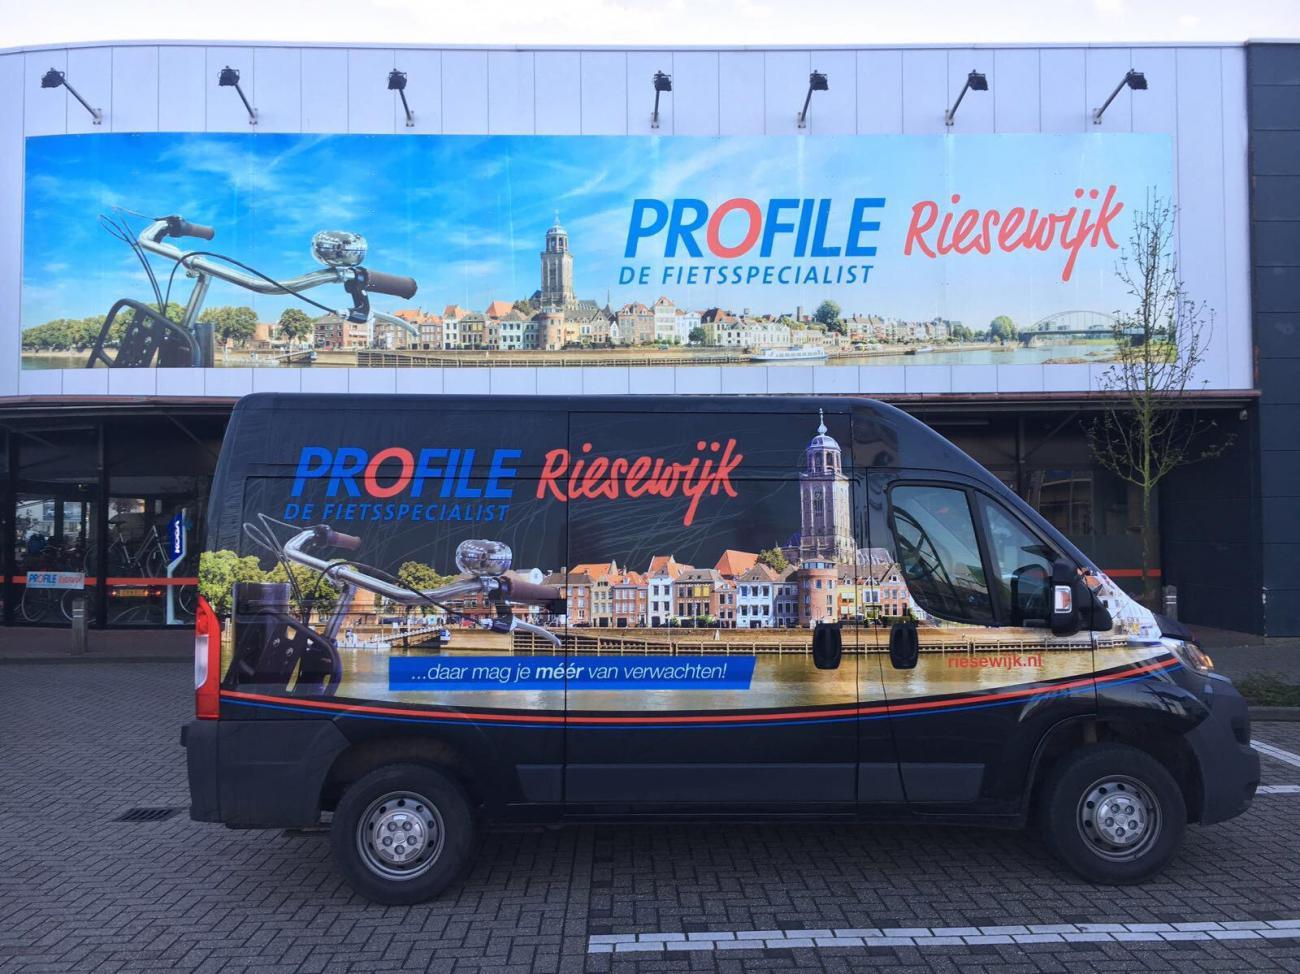 """Profile Riesewijk """"de fietsspecialist"""""""